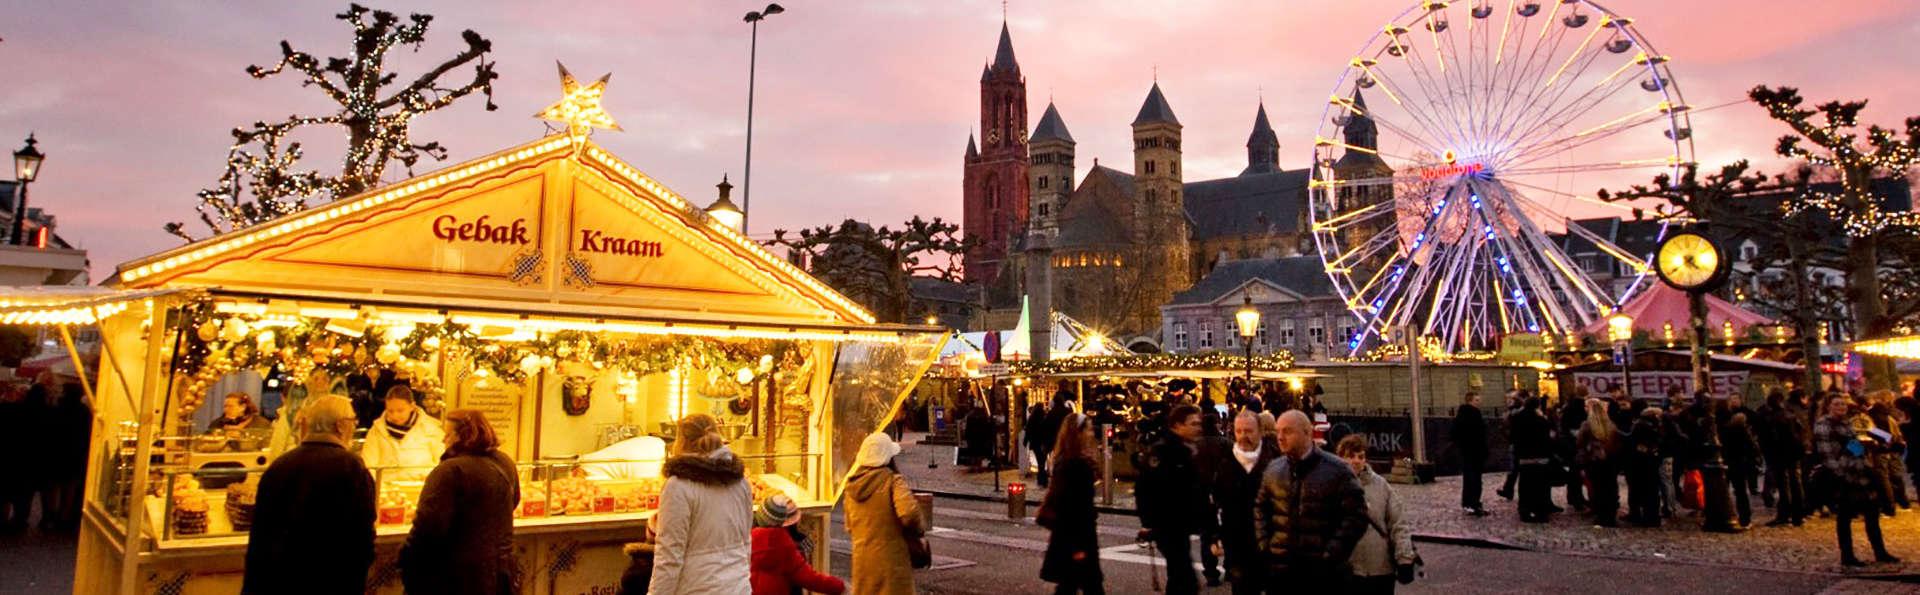 Profitez d'un Noël épicurien à Maastricht, diner compris (à partir de 2 nuits)